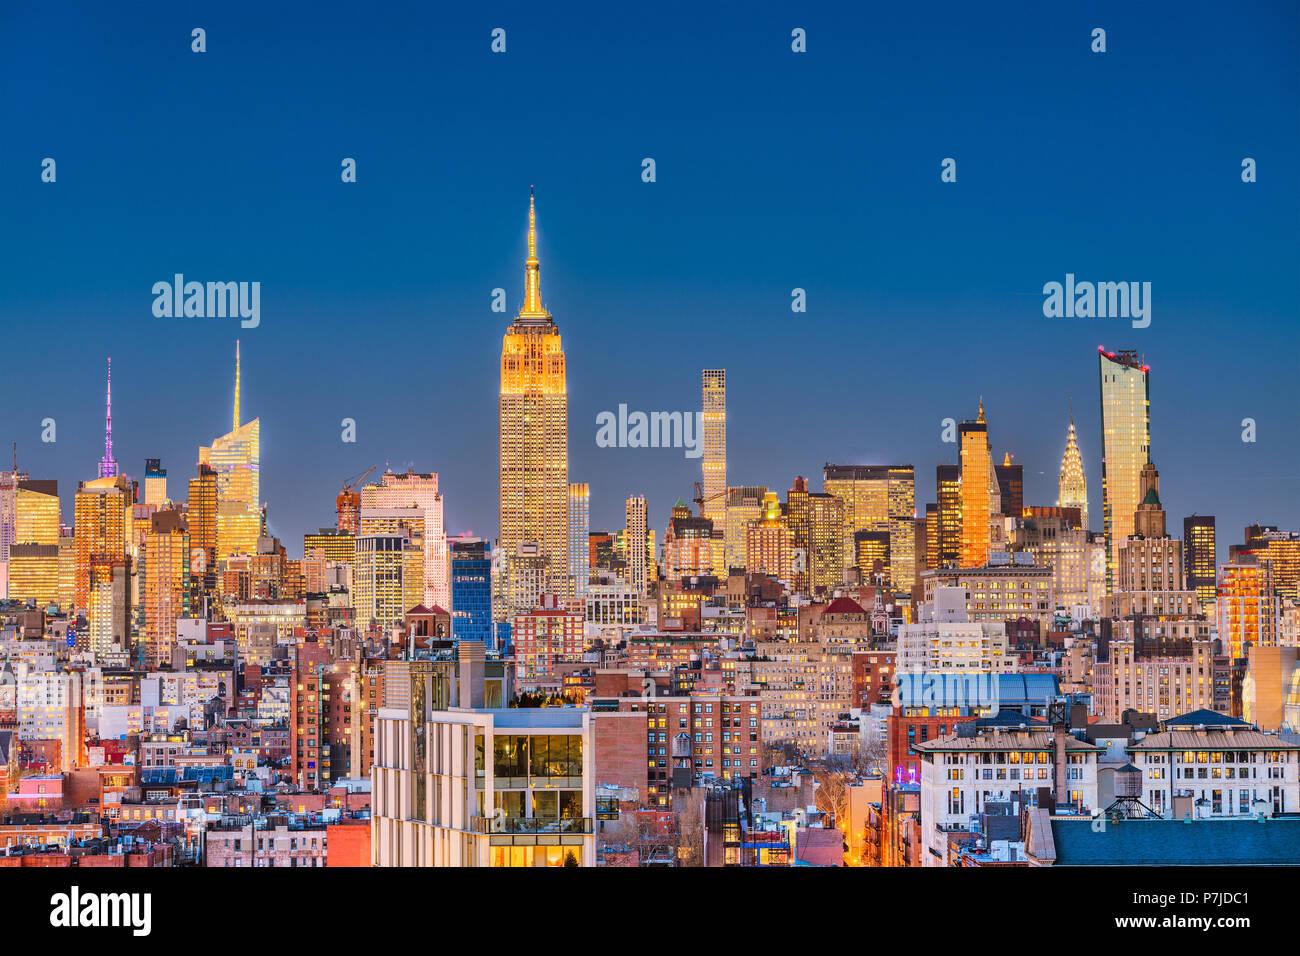 Nueva York, Nueva York, EE.UU. del paisaje urbano en Manhattan en penumbra. Imagen De Stock